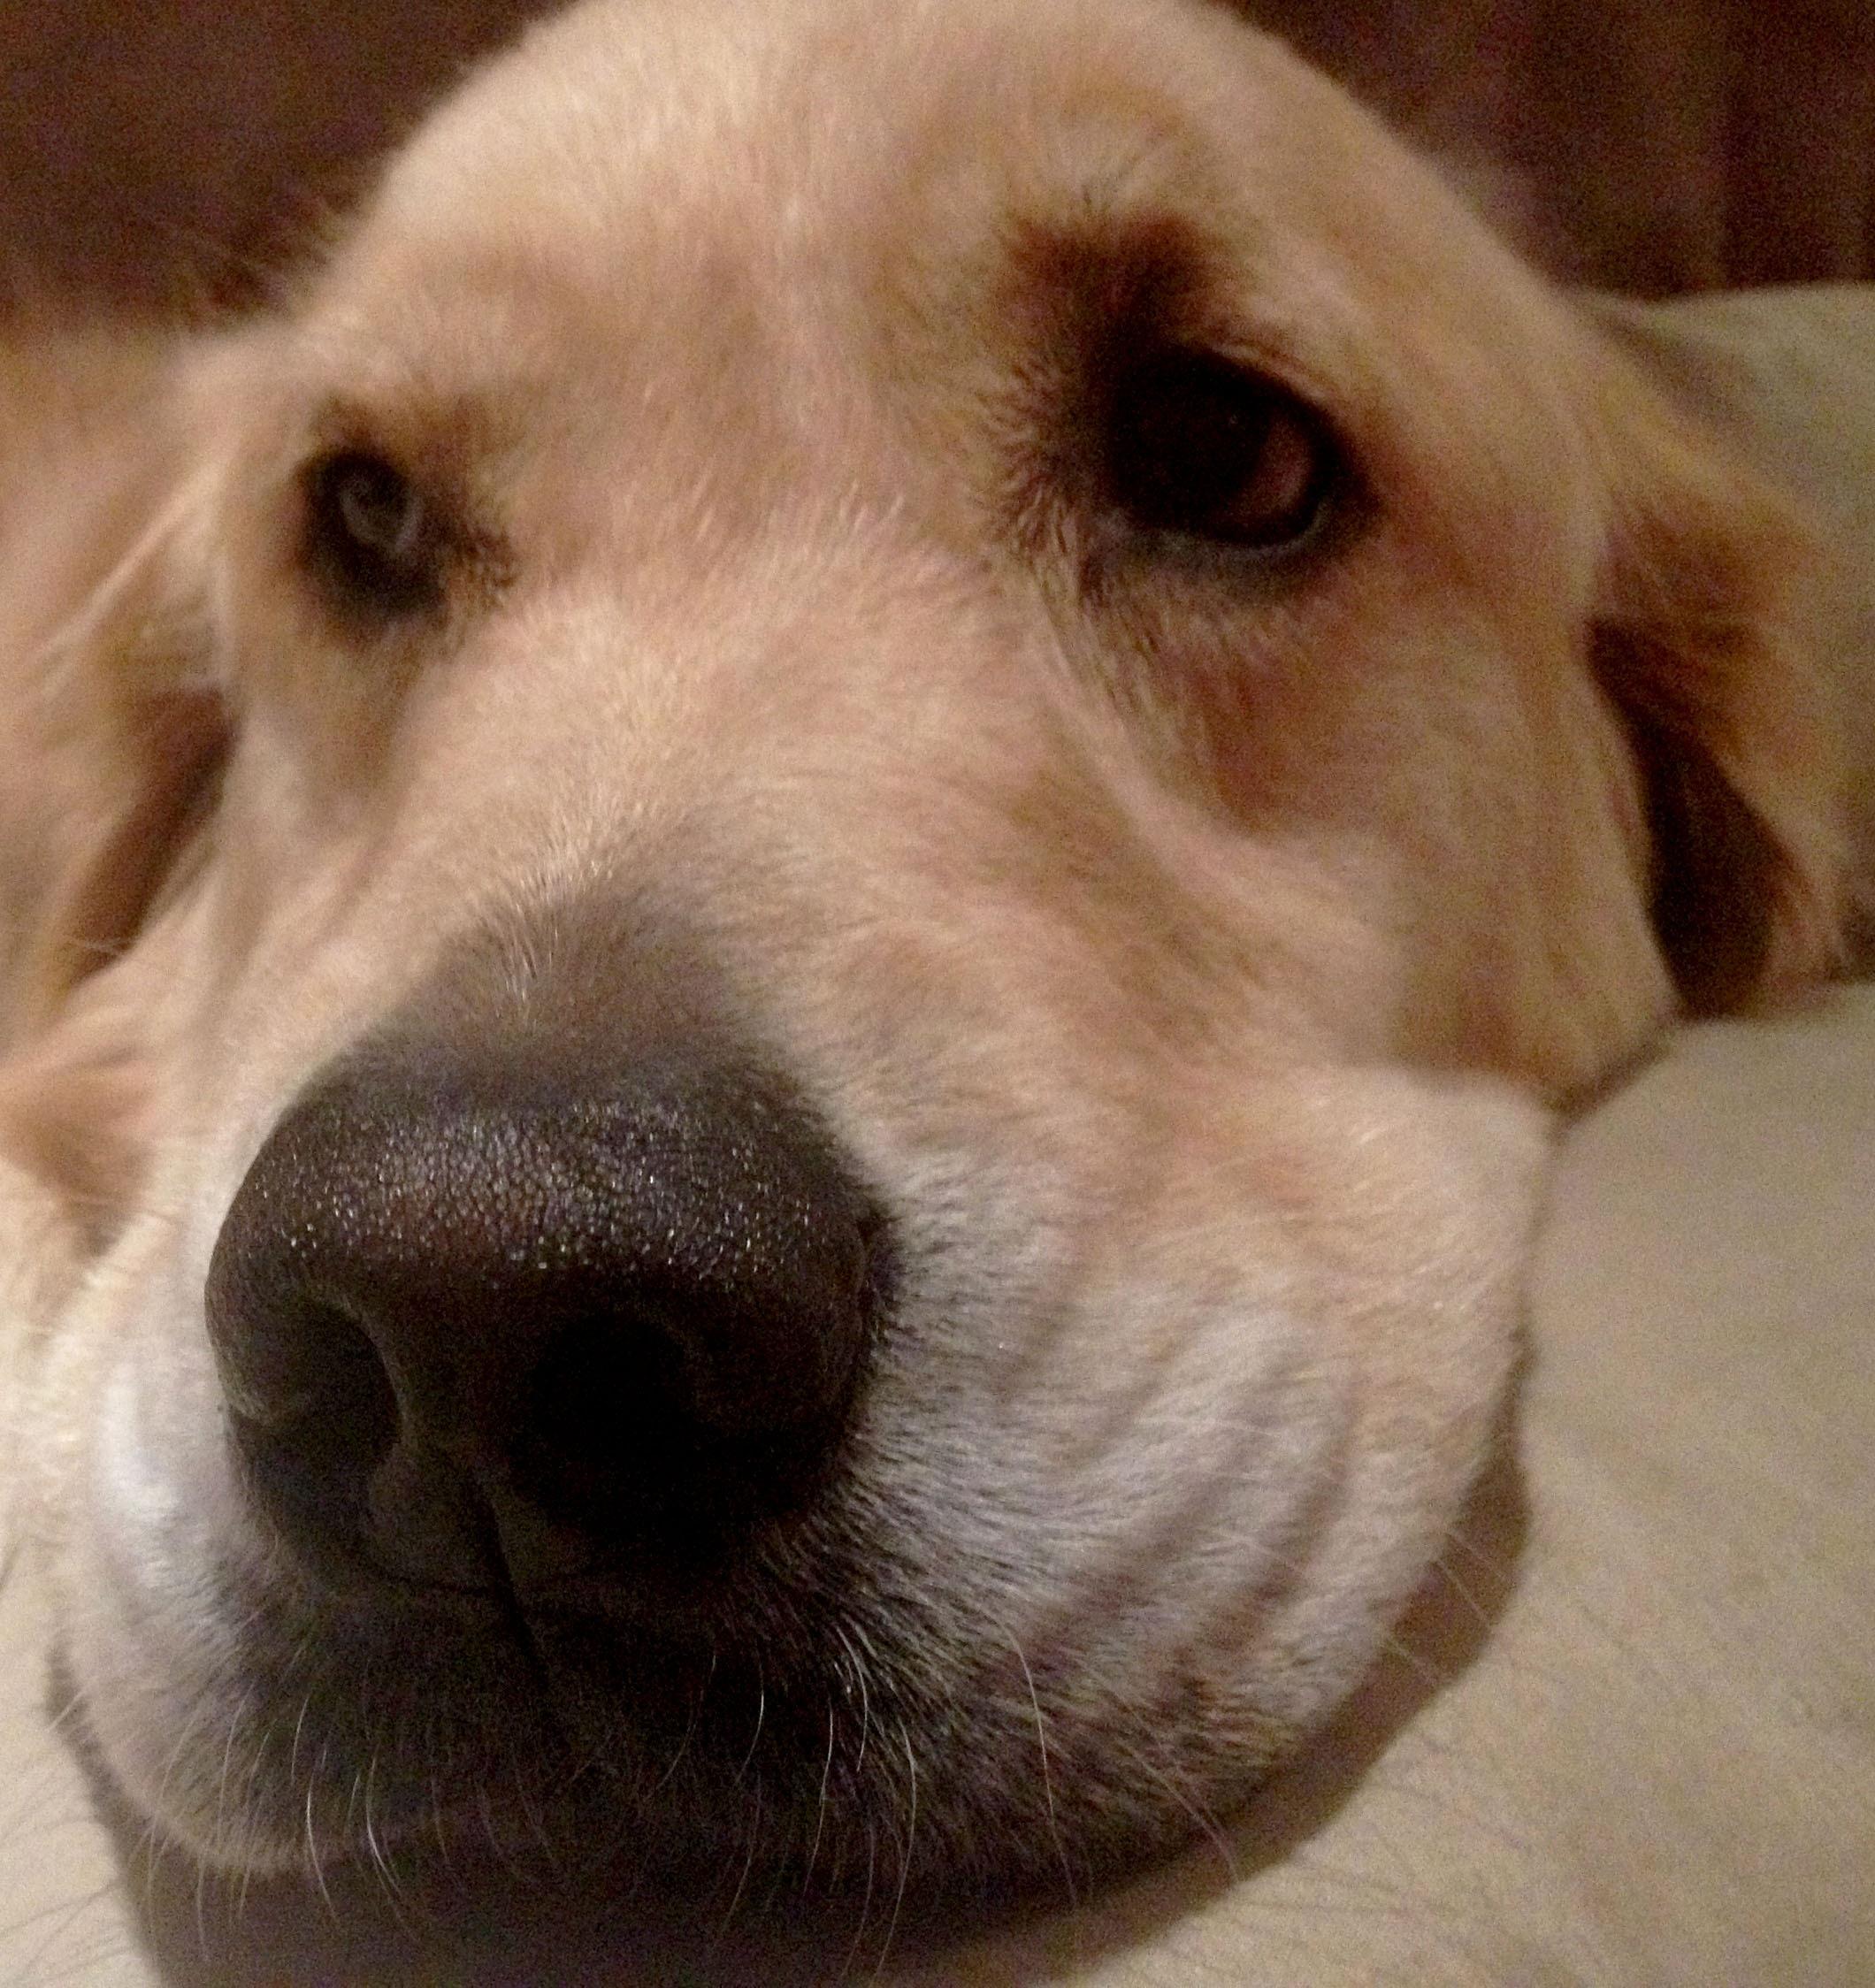 Free Images Animal Pet Nose Golden Retriever Snout Head